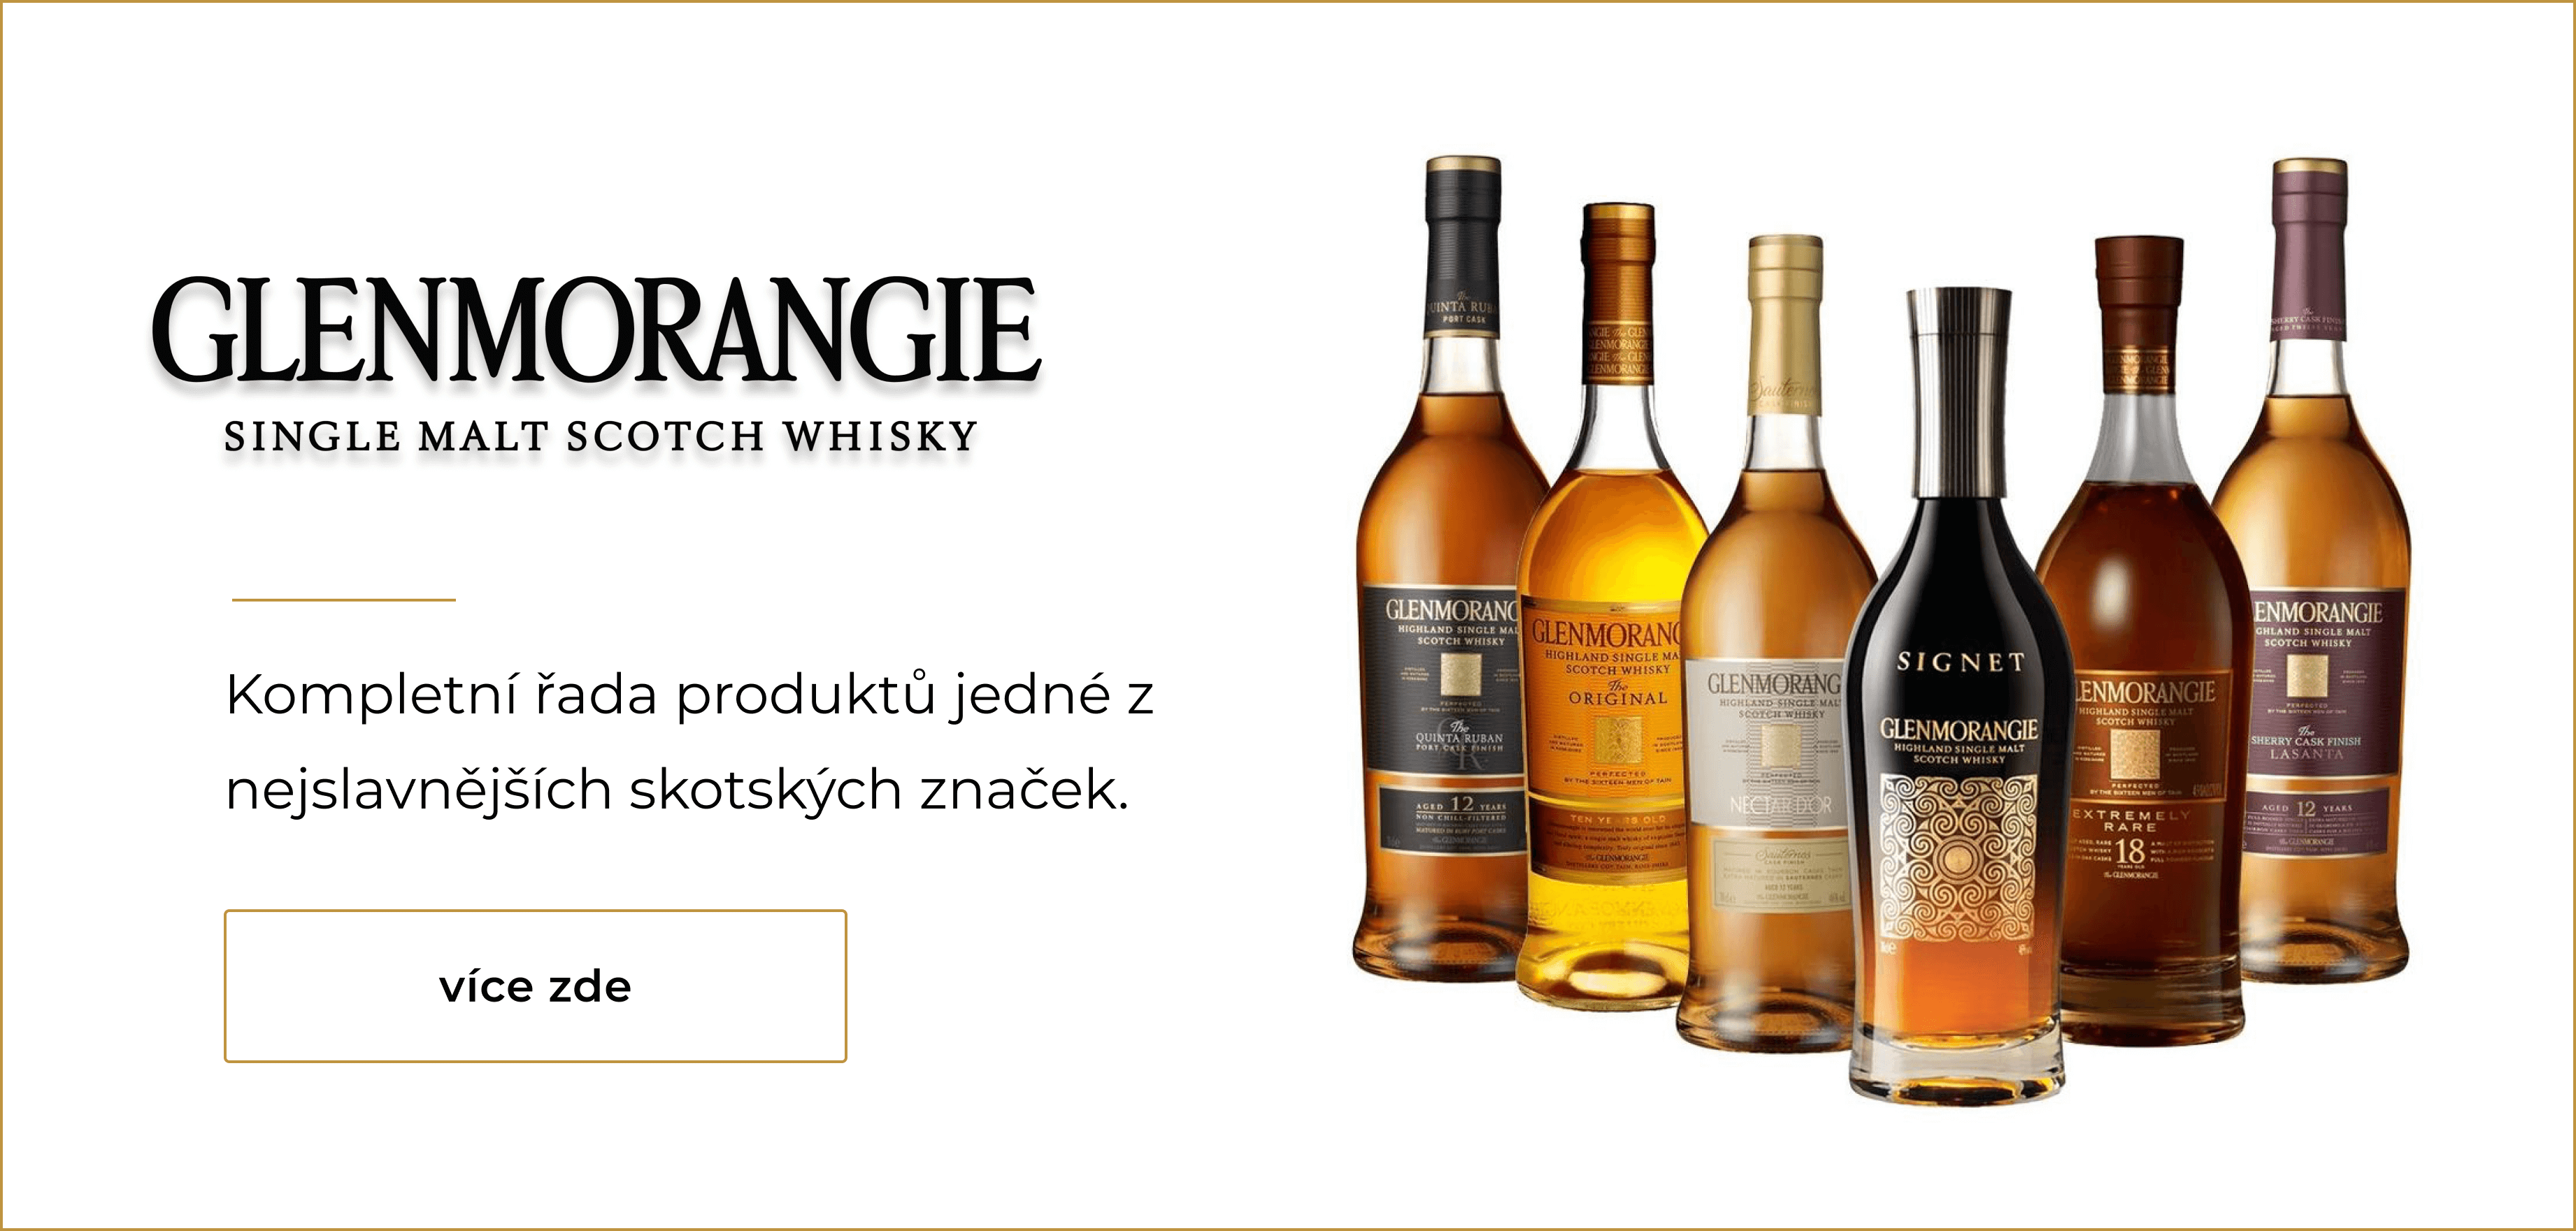 glenmorangie whisky na espirits